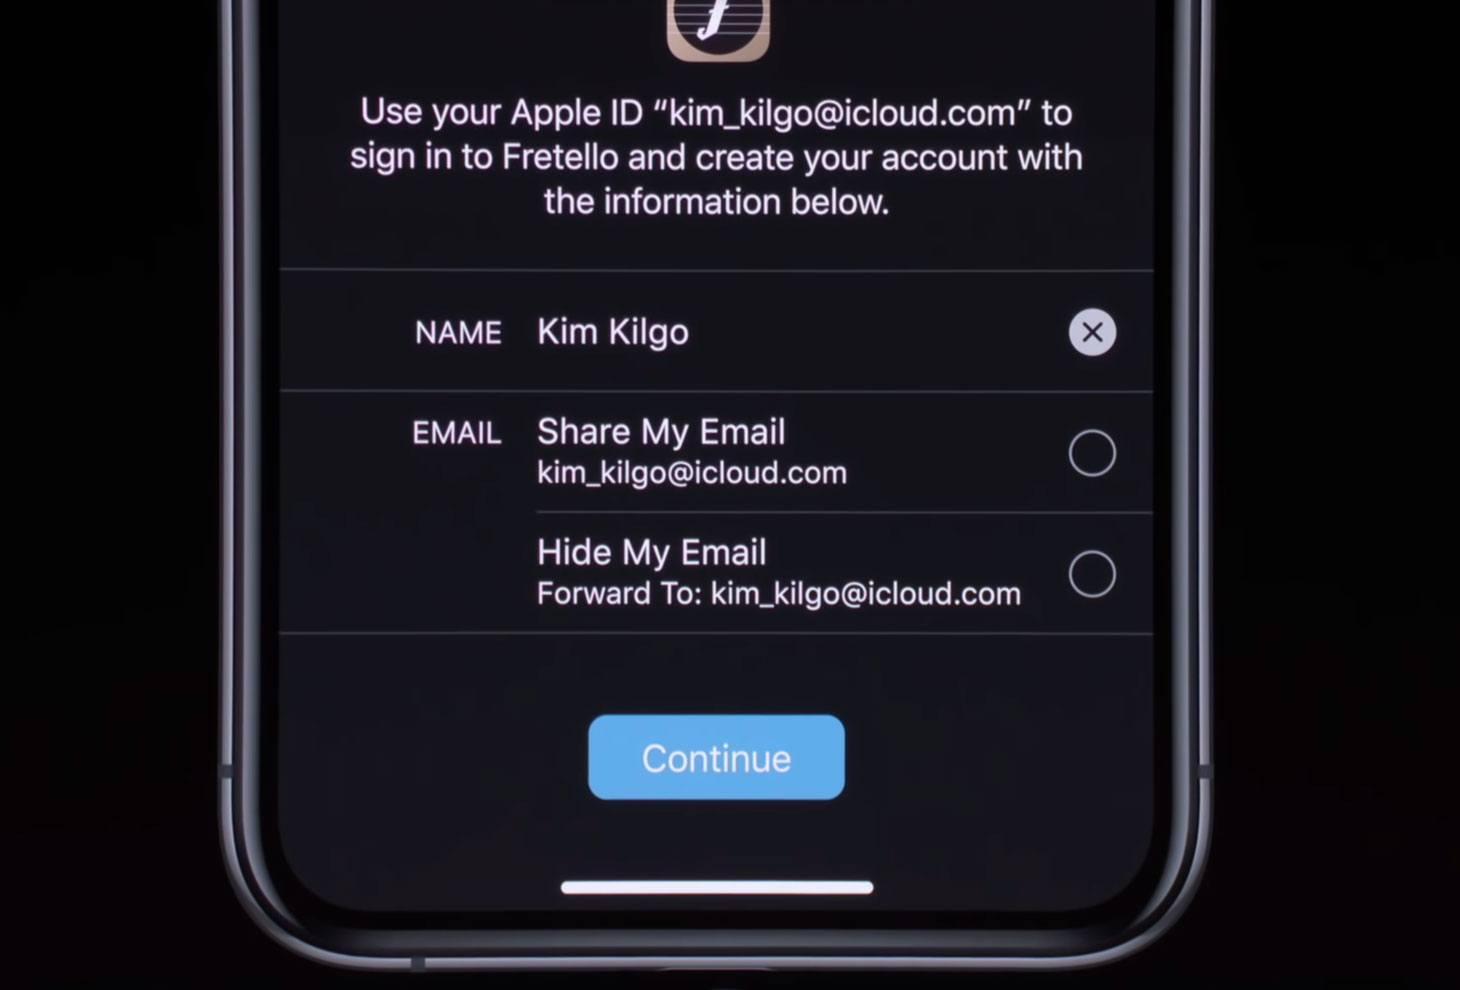 Sign In with Apple: Wahl der E-Mail-Adresse zur Anmeldung — authentisch oder willkürlich generiert